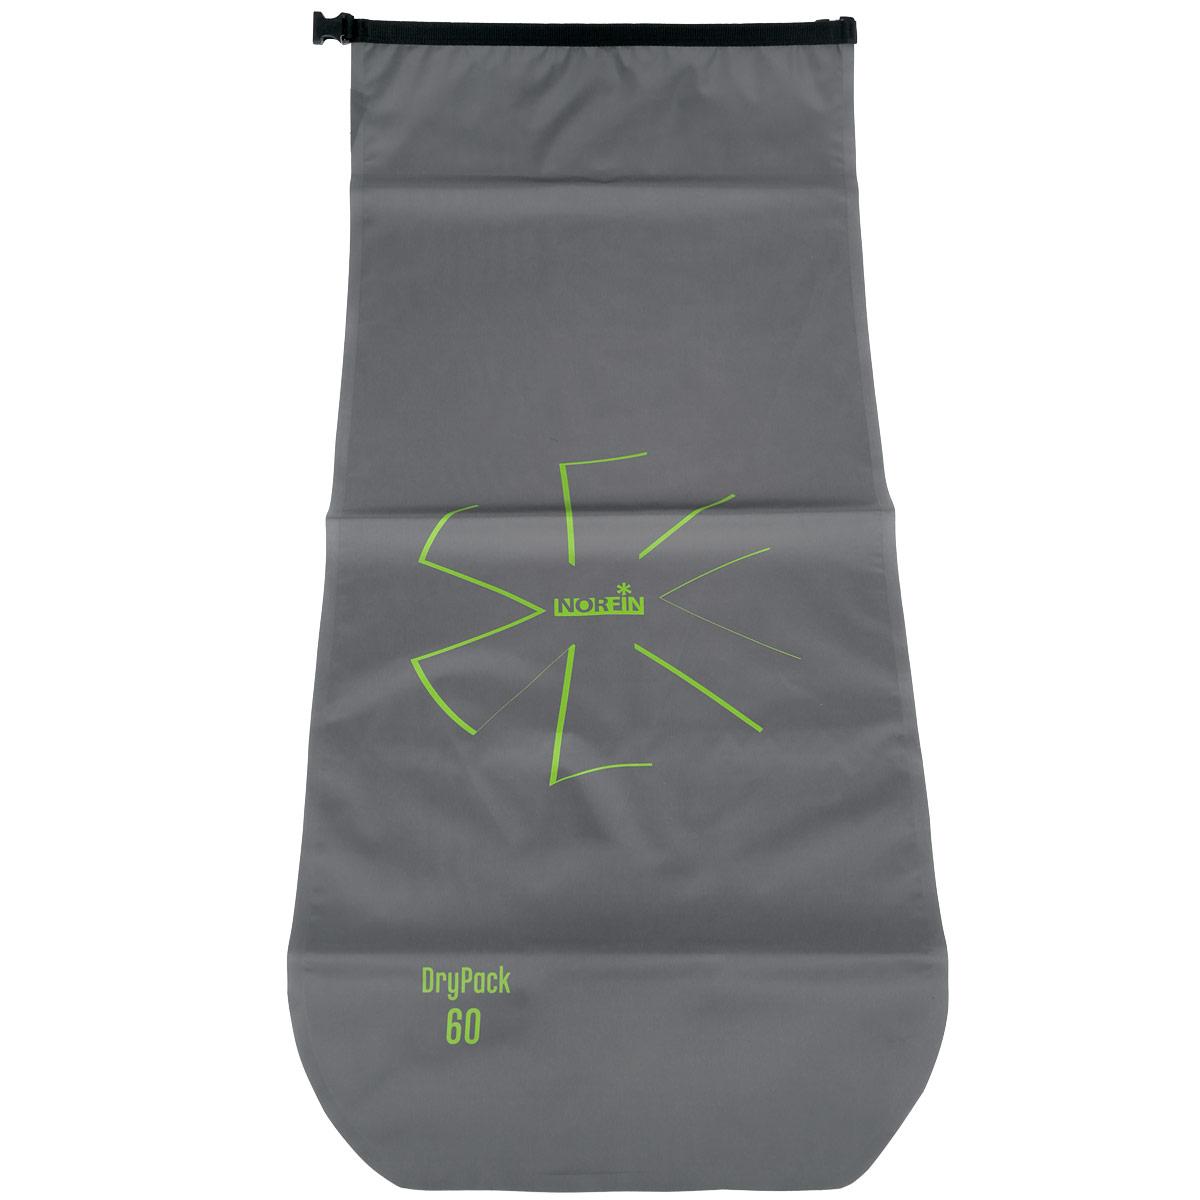 Гермомешок Norfin Dry Pack, цвет: серый, 60 лNF-40305Благодаря исключительным свойствам материала и своей конструкции Norfin Dry Pack позволяет надежно защитить ваши вещи и документы от попадания влаги. Удобный скручивающийся верх обеспечивает герметичность. Гермомешок имеет воздушный клапан для выпуска из мешка воздуха и уменьшения объема. Мешок плоский в сжатом виде.